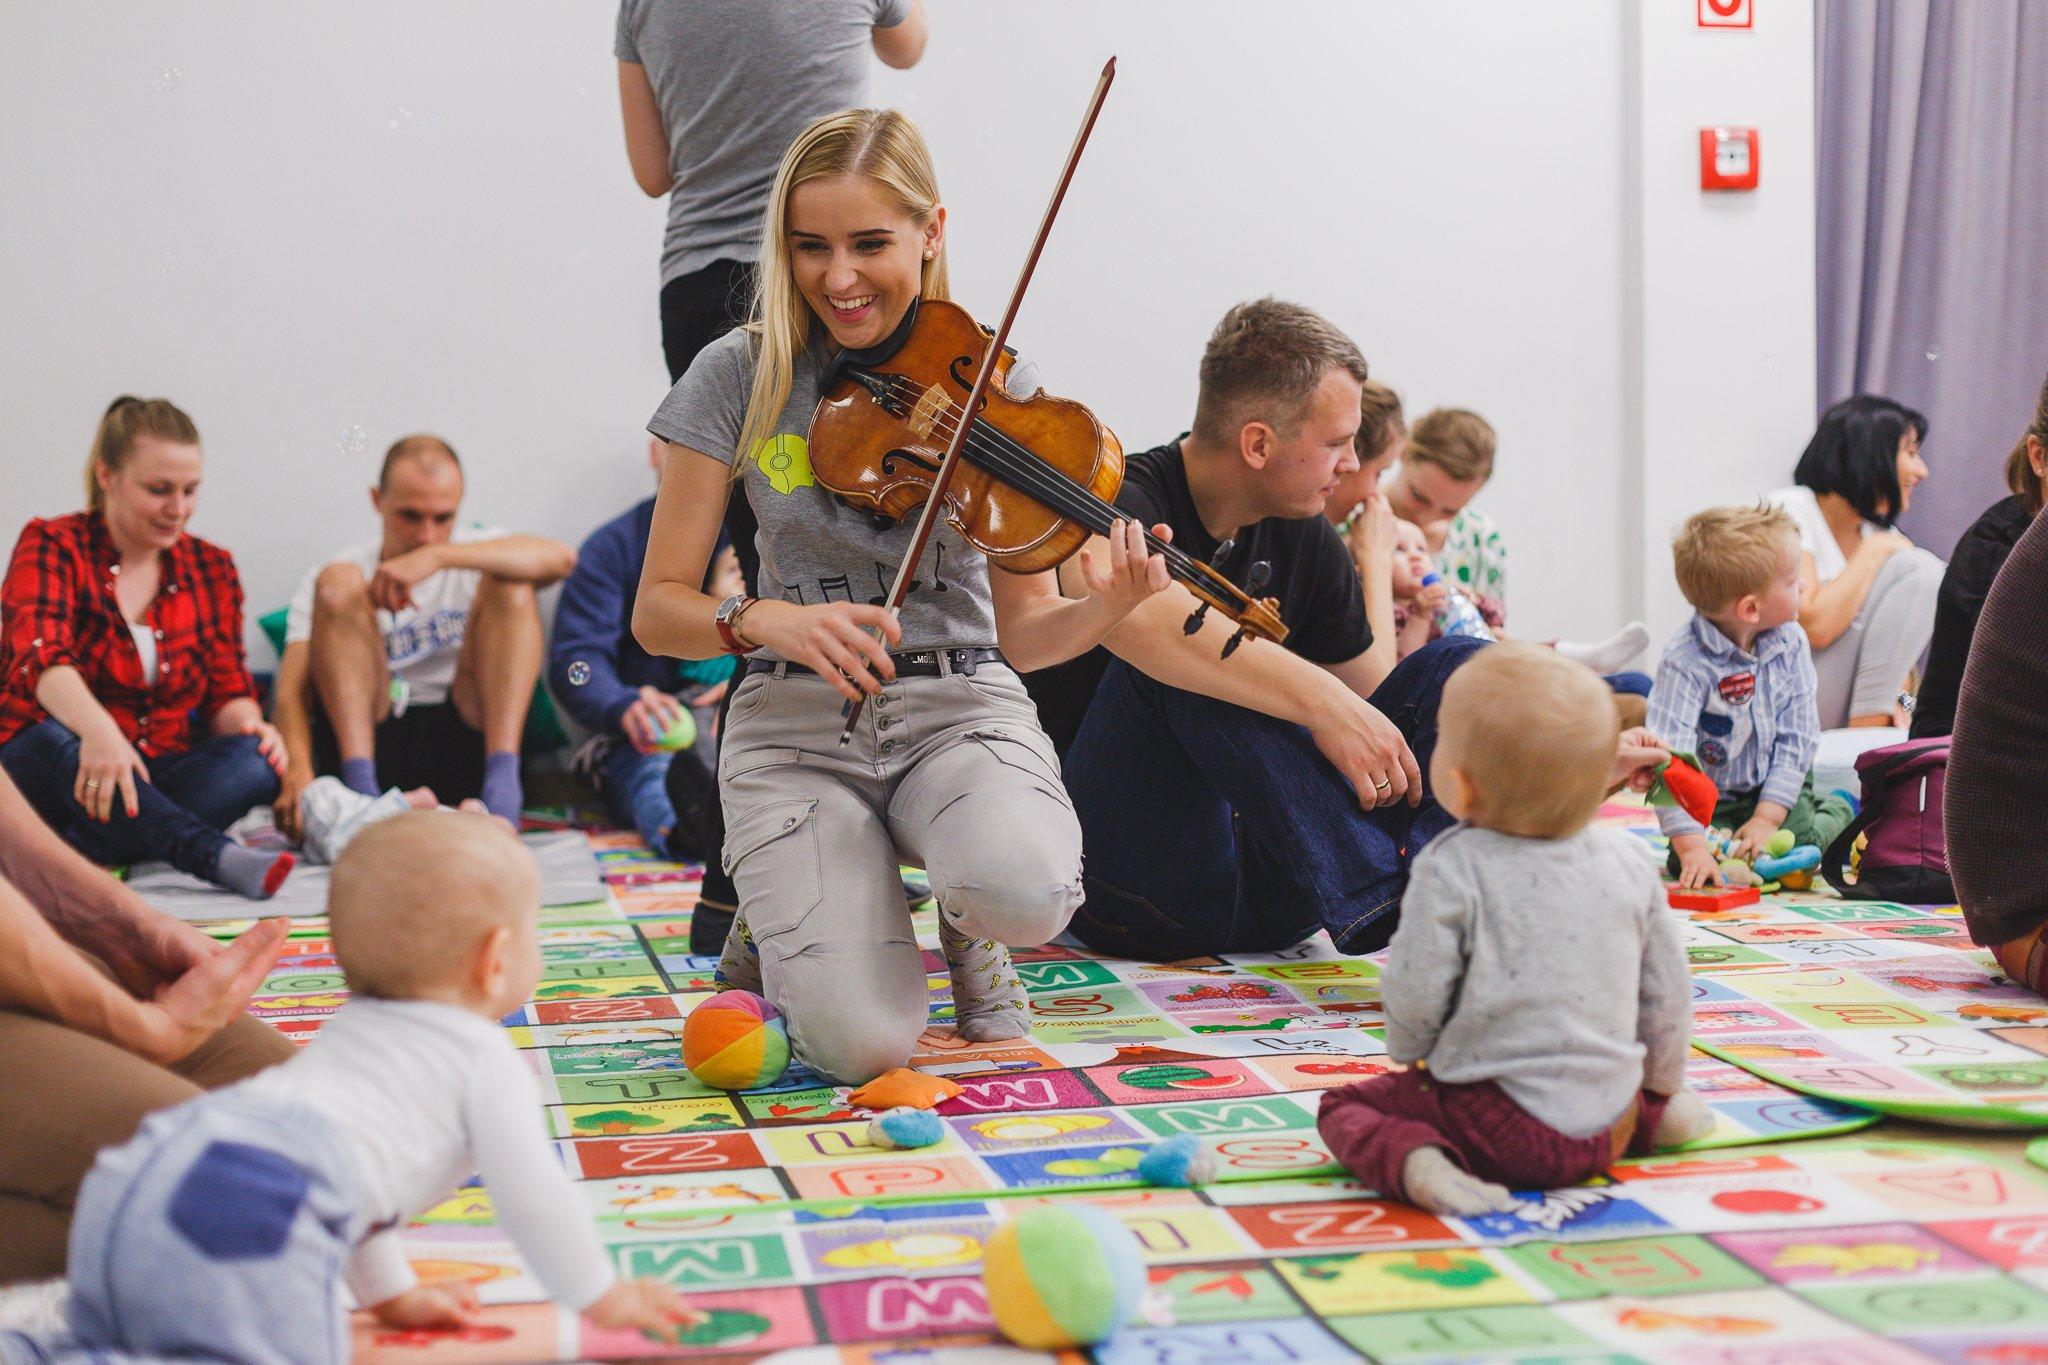 Koncert Gordonowski dla małych dzieci w wieku 0-5 lat z rodzicami